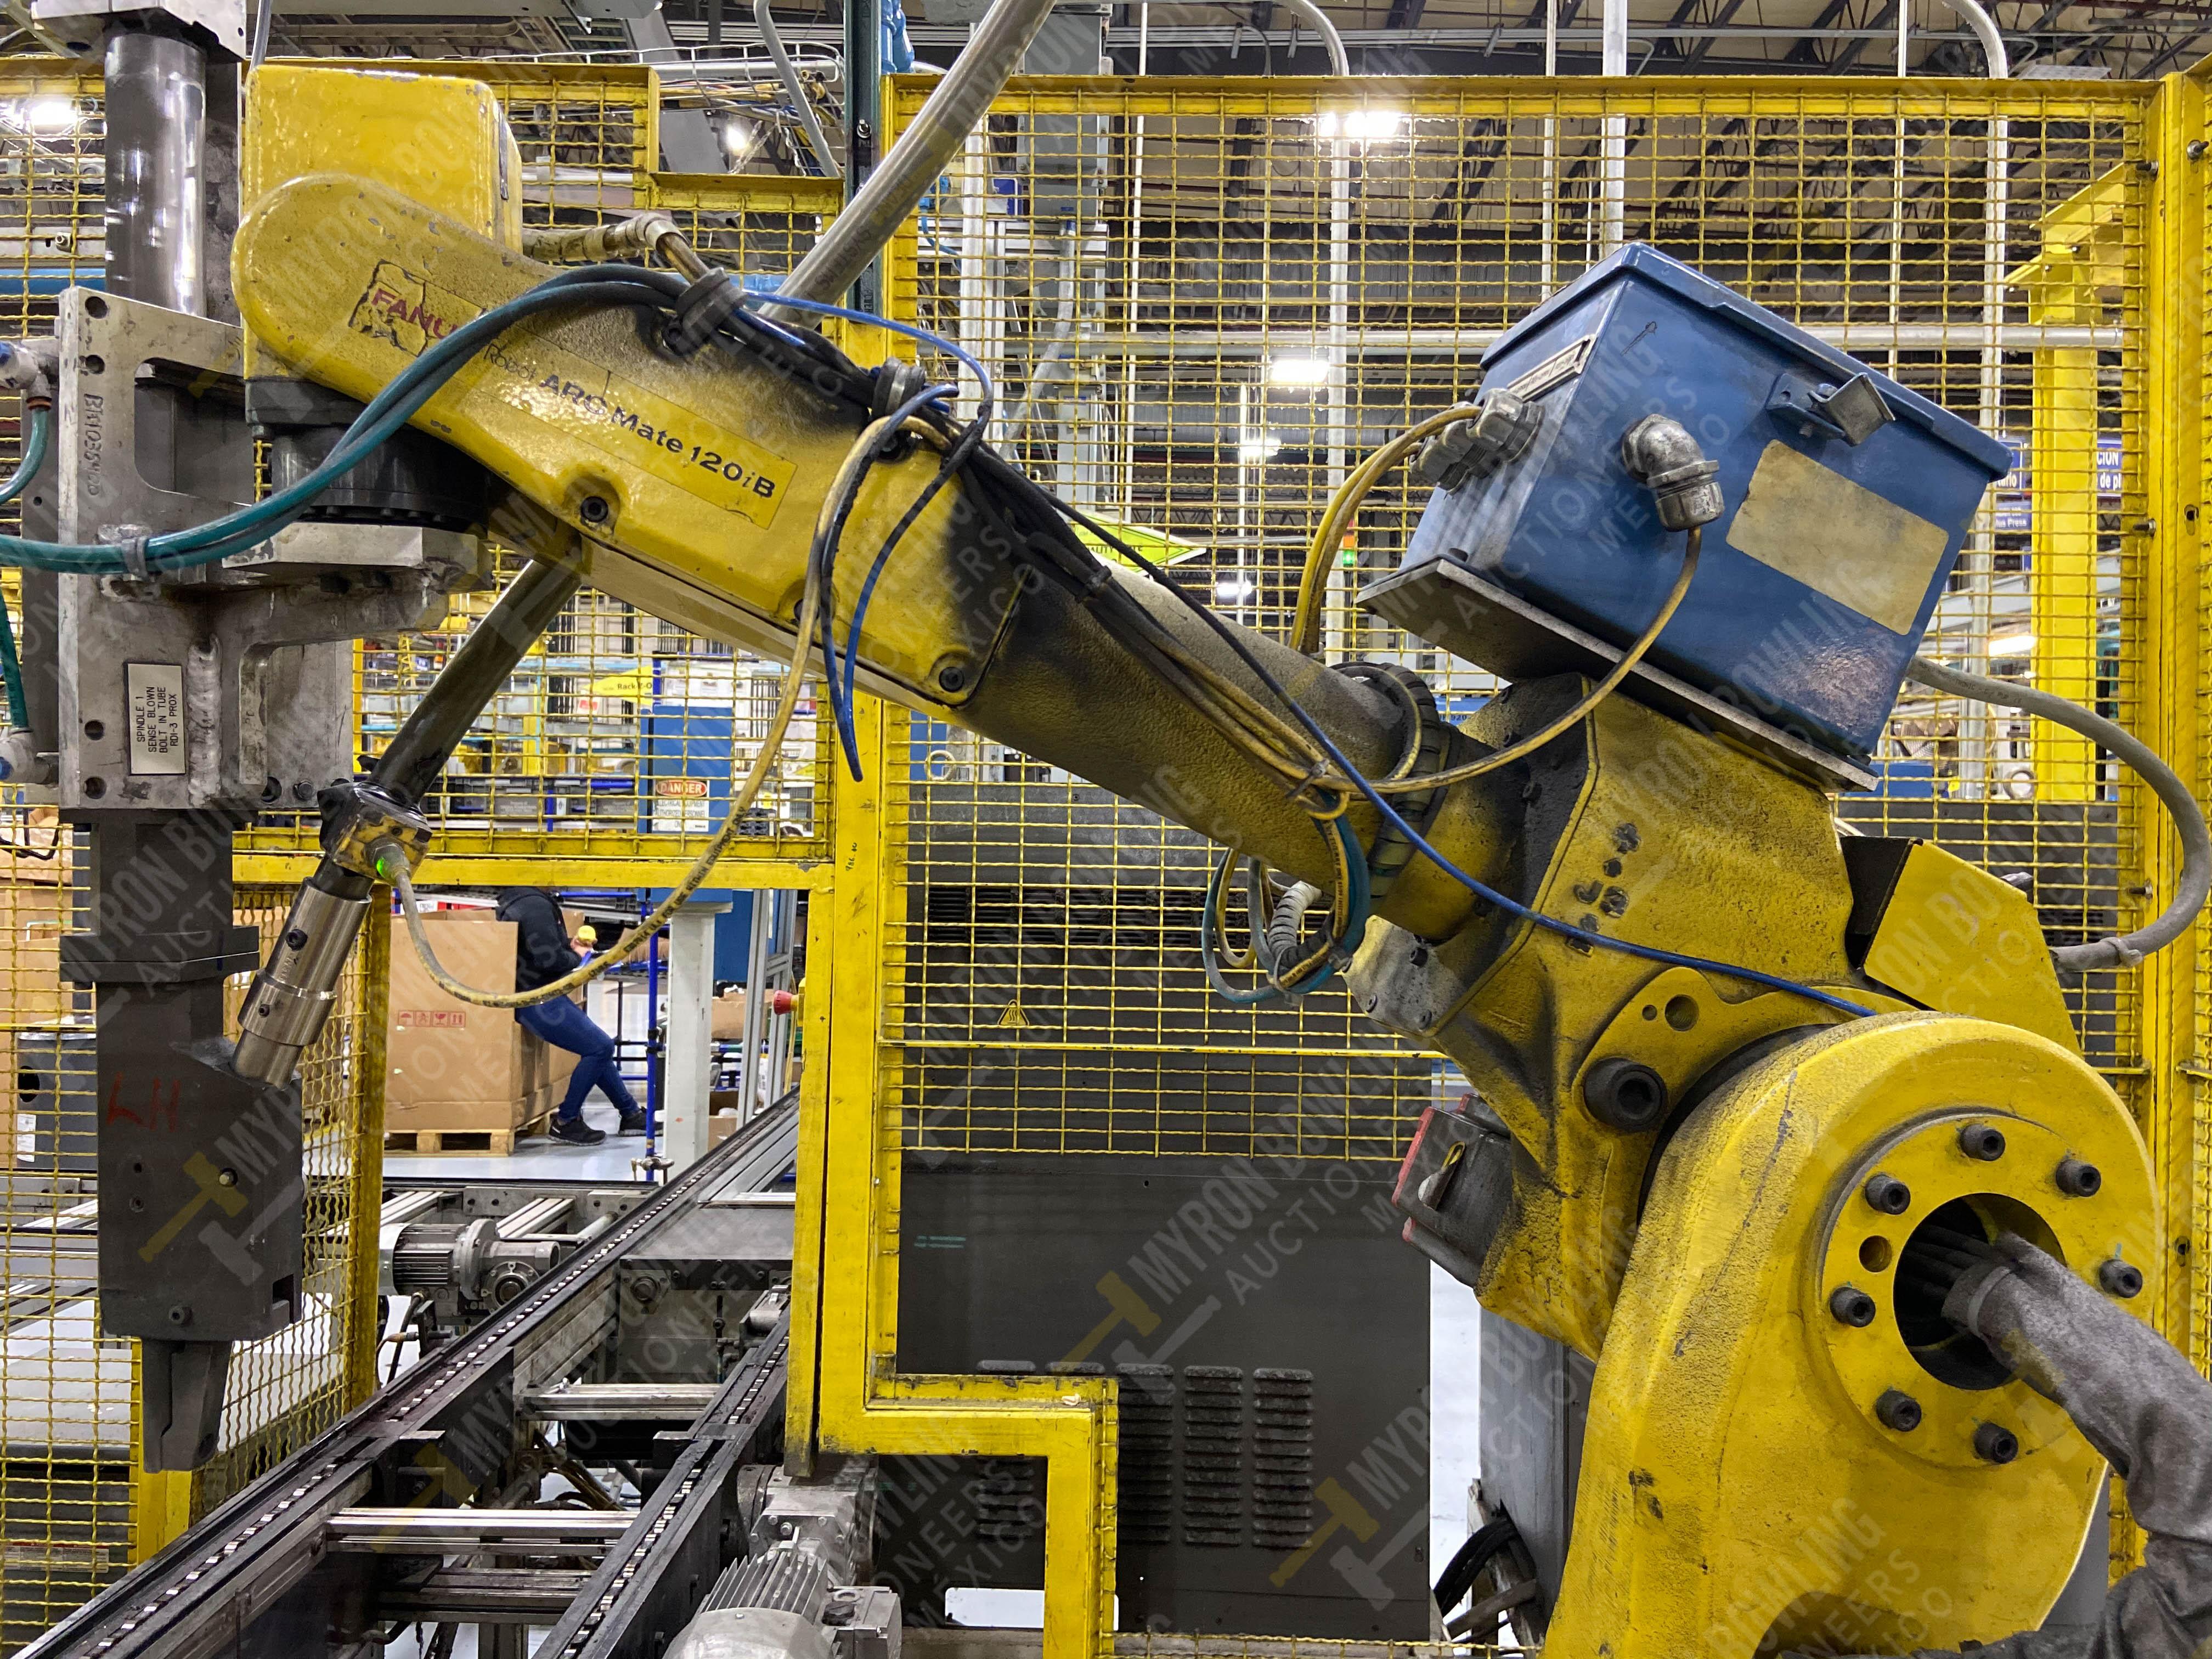 Robot con capacidad de carga de 15-30 Kg, controlador de robot y teach pendant - Image 5 of 17